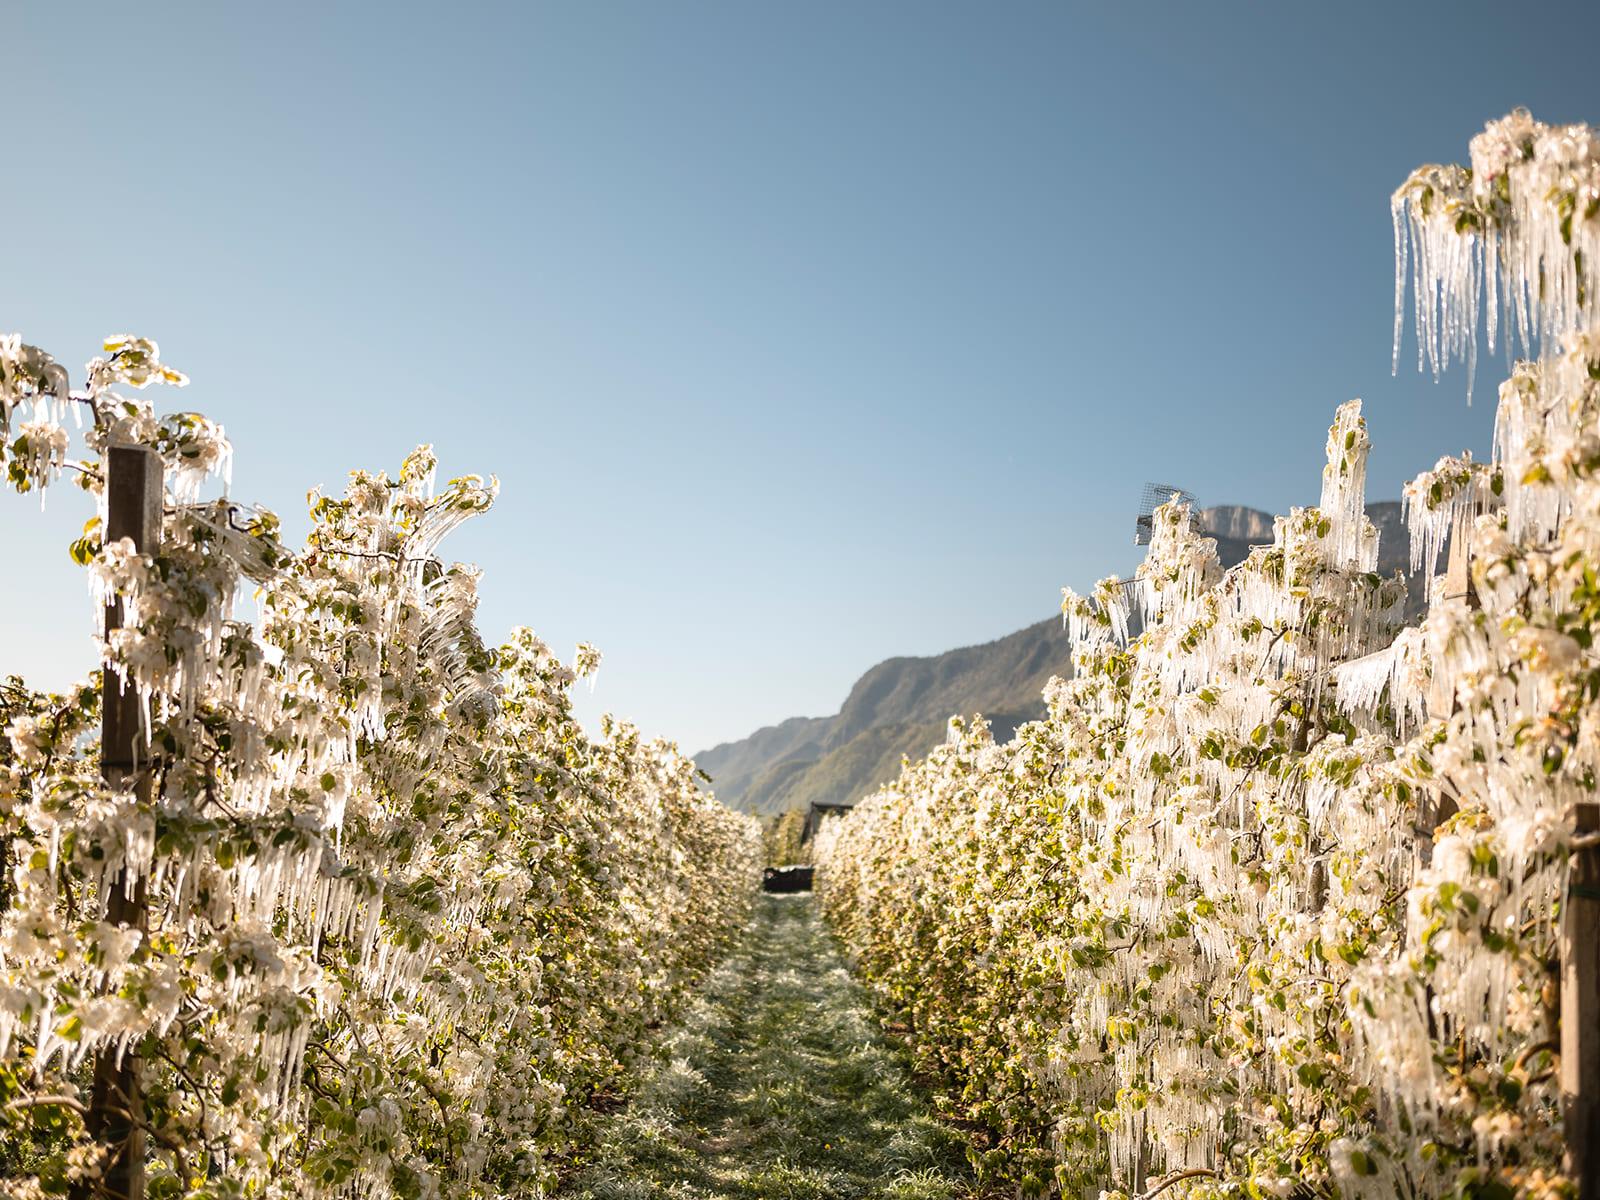 Eingefrorene Blüten nach der Bewässerung